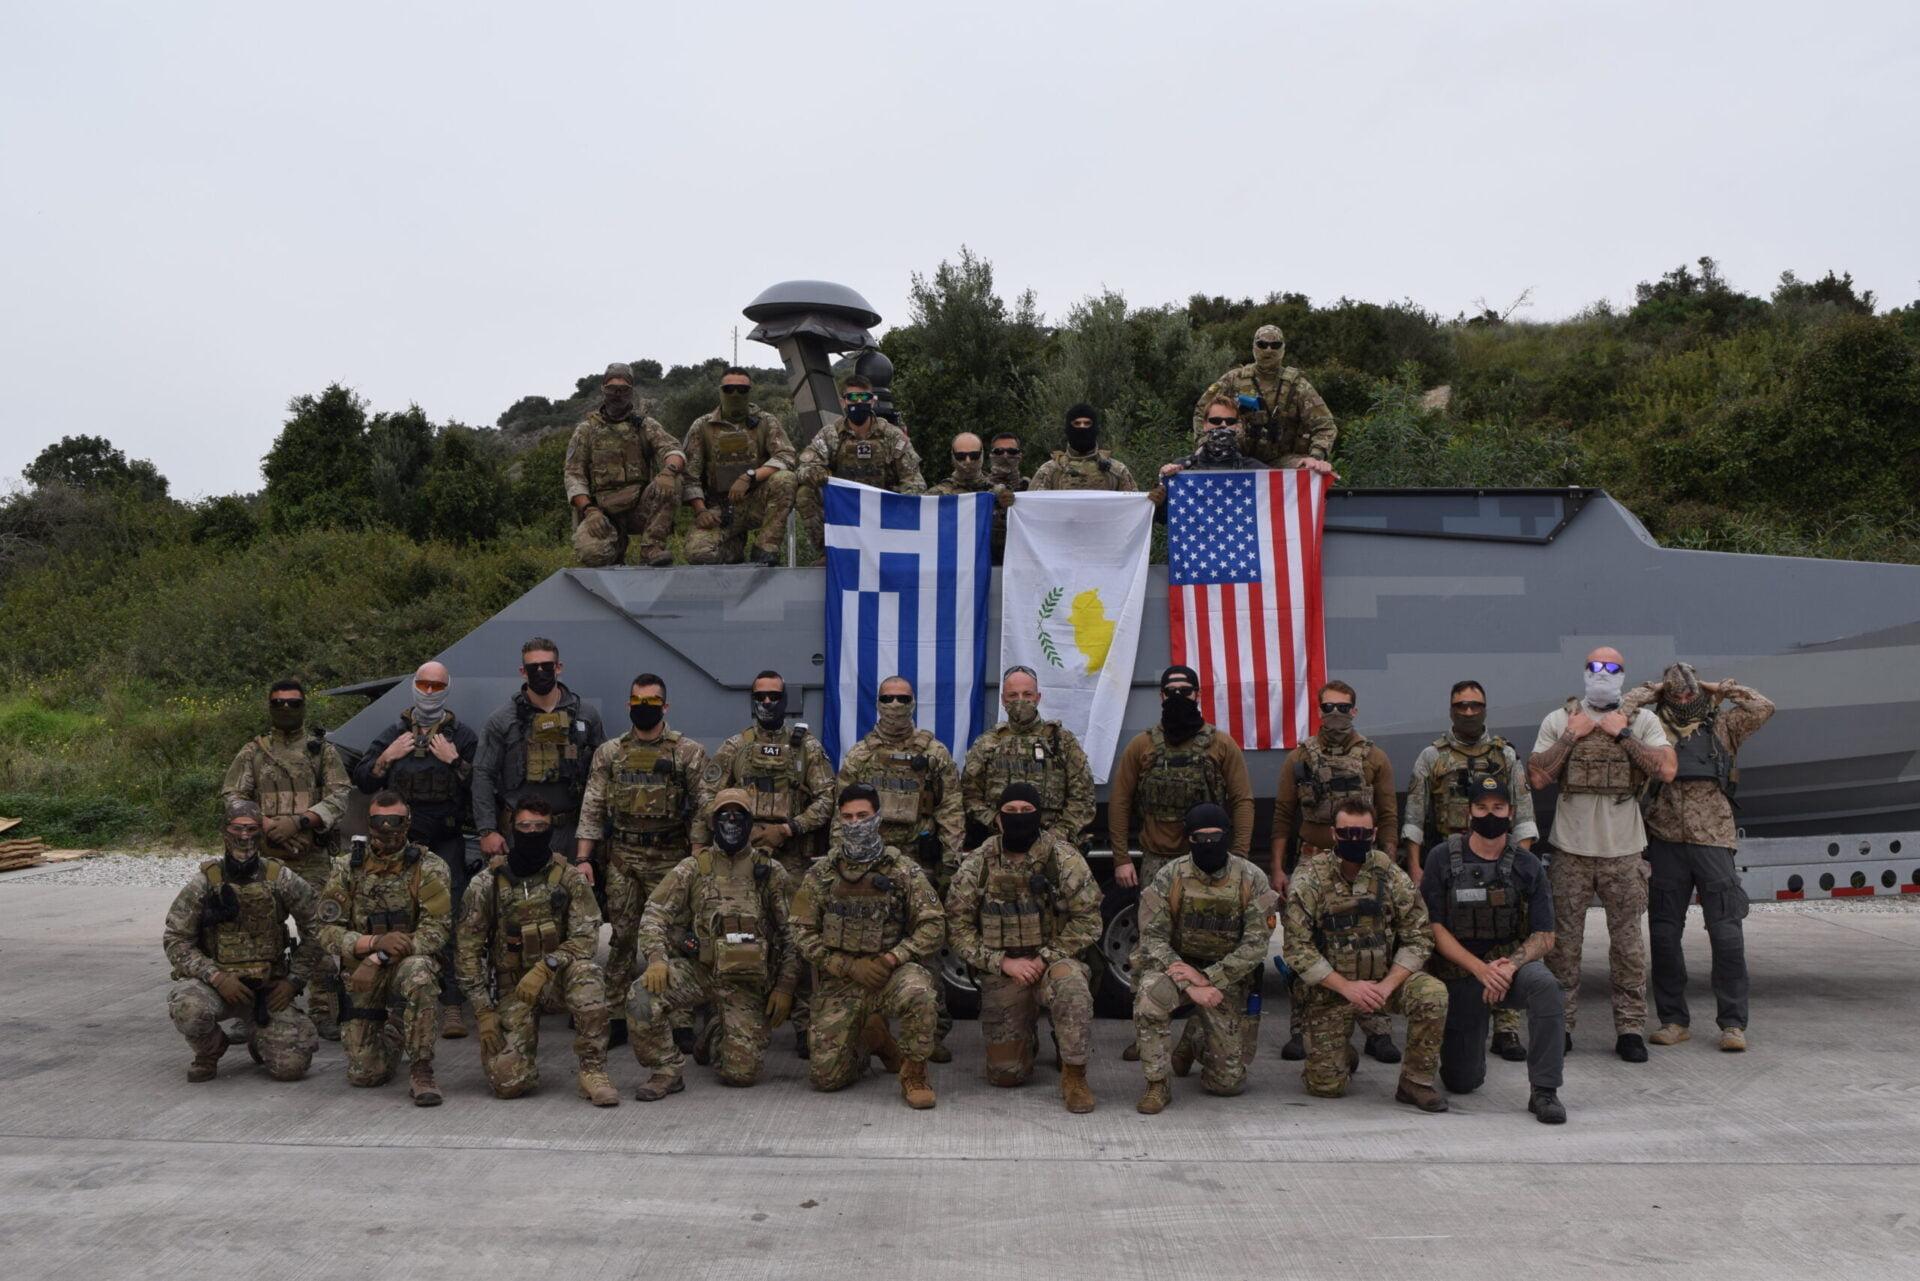 Ξεκίνησε τριμερής άσκηση Ελλάδας – ΗΠΑ – Κύπρου στην Κρήτη